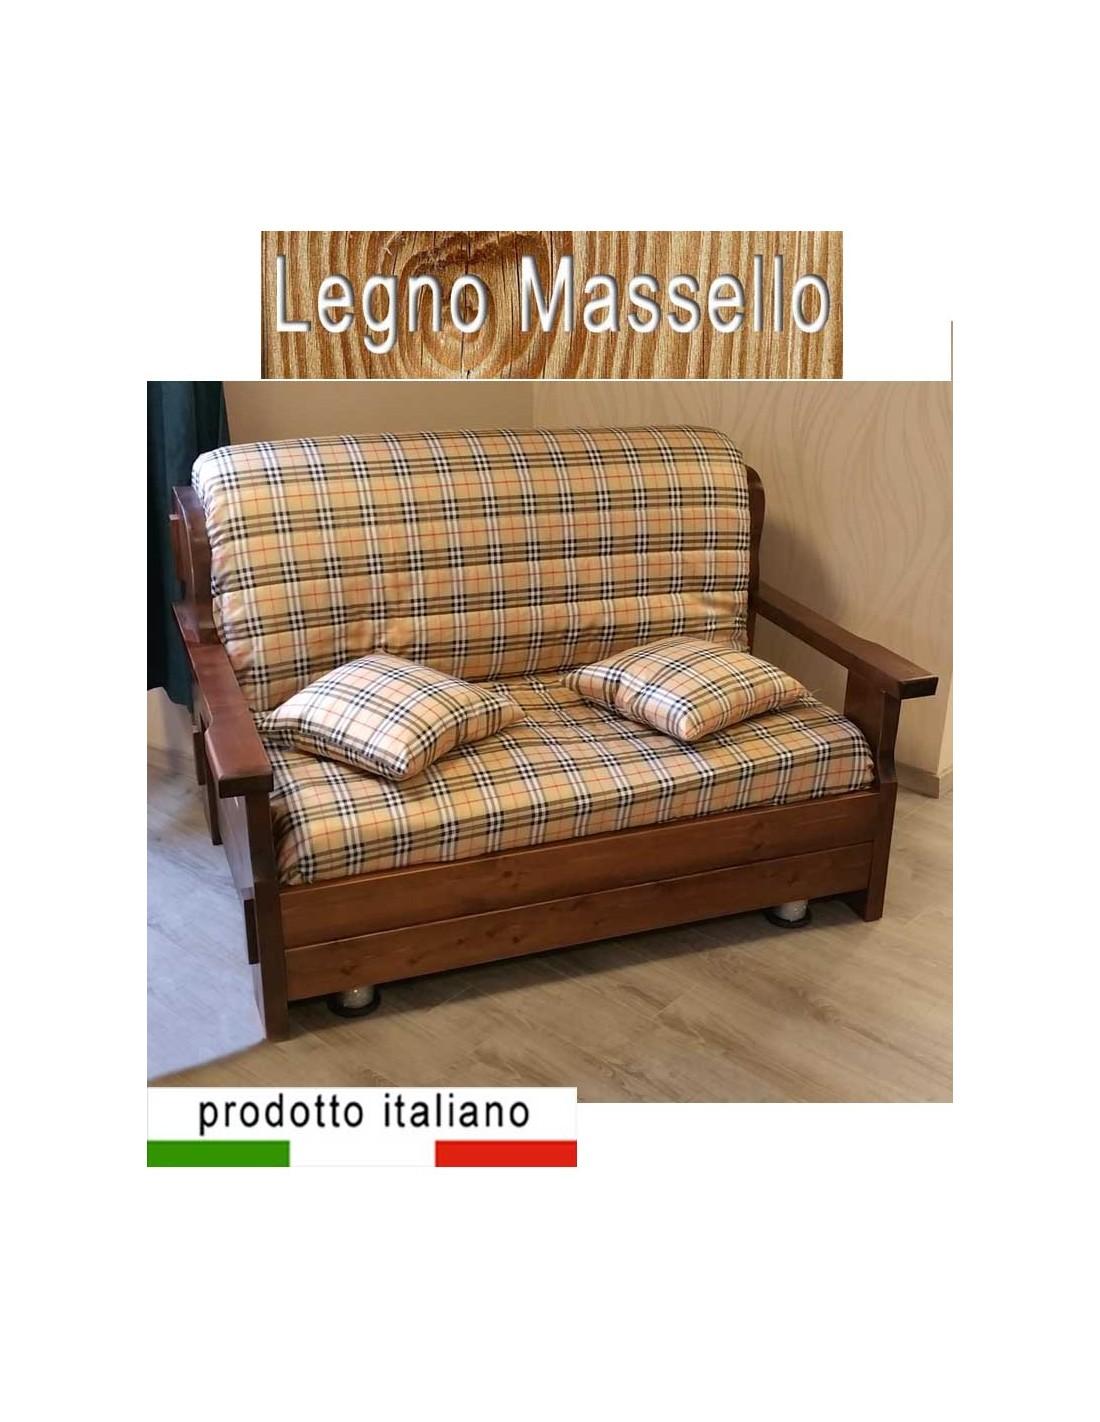 Prontoletto legno massello divano stile country arte povera